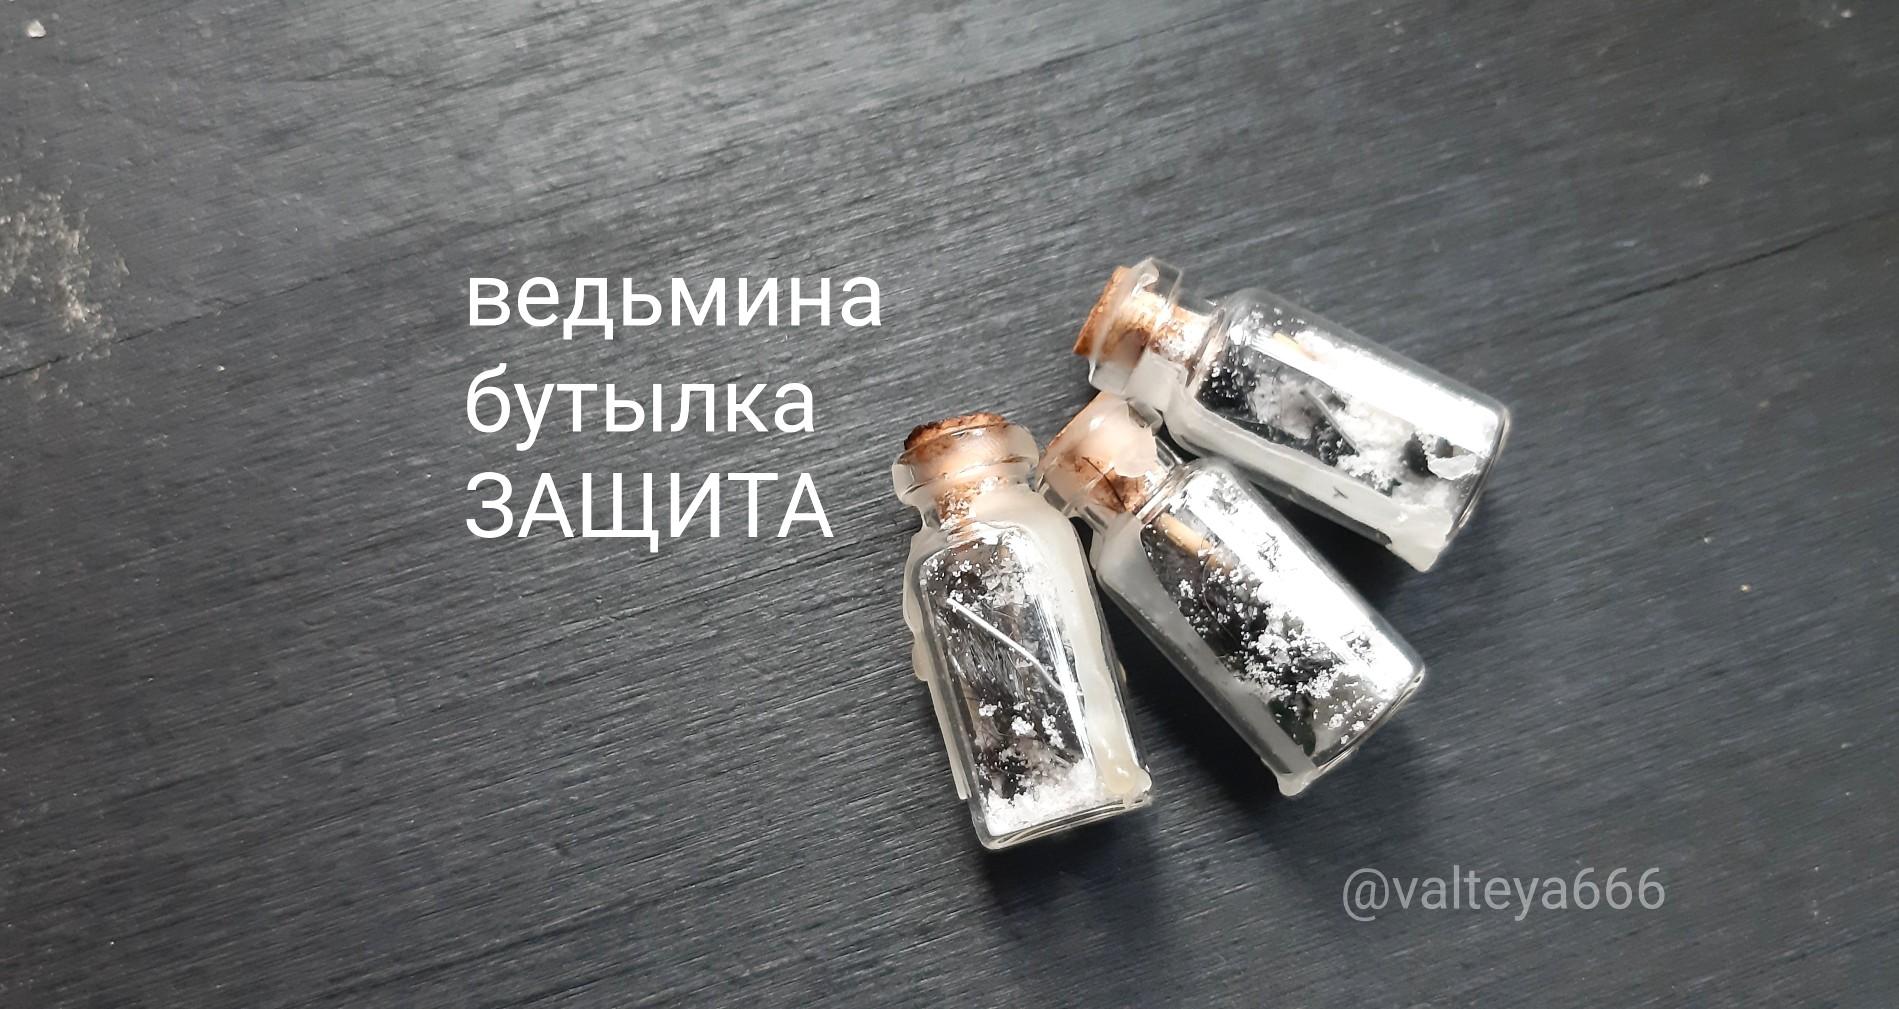 эзотерика - Ведьмина лавка. Ведьмина бутылка.  - Страница 3 FDotXDTU_lM